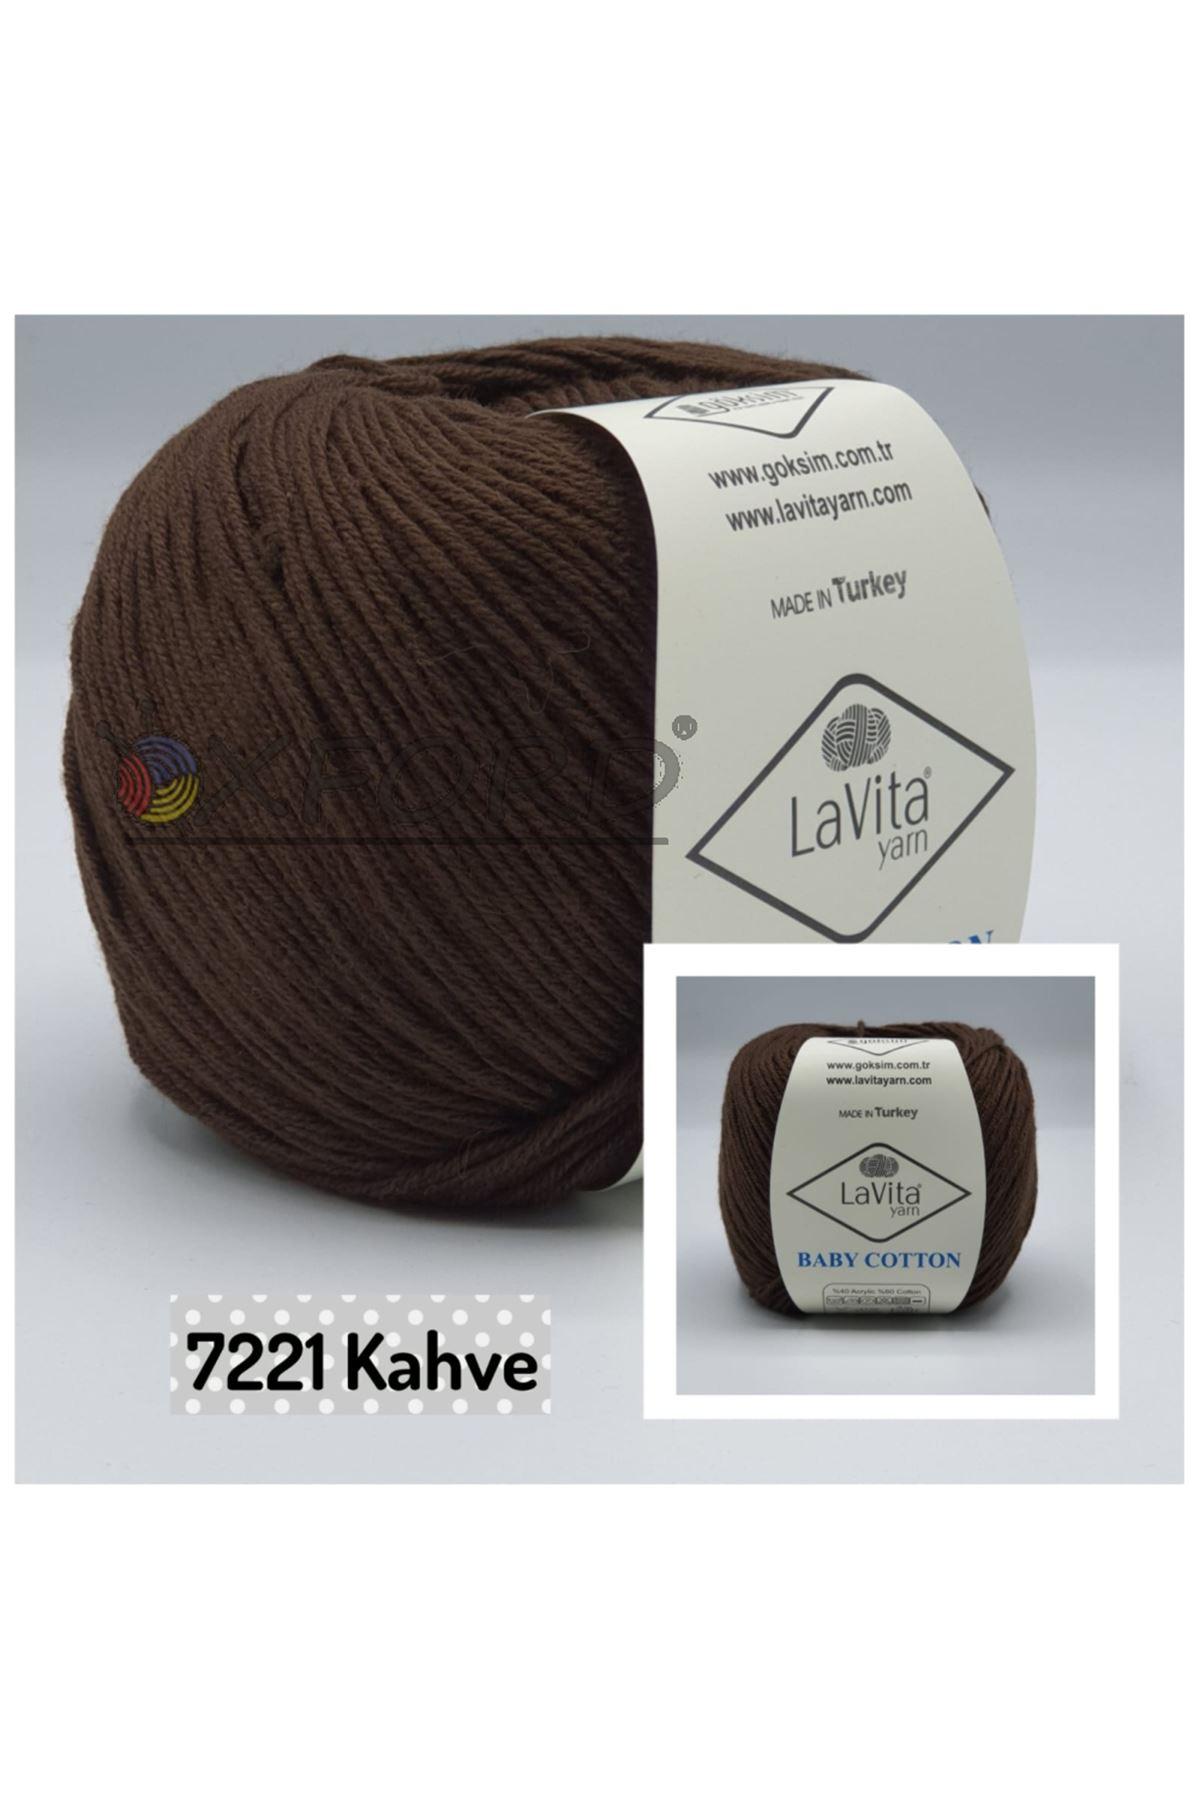 Lavita Baby Cotton 7221 Kahve